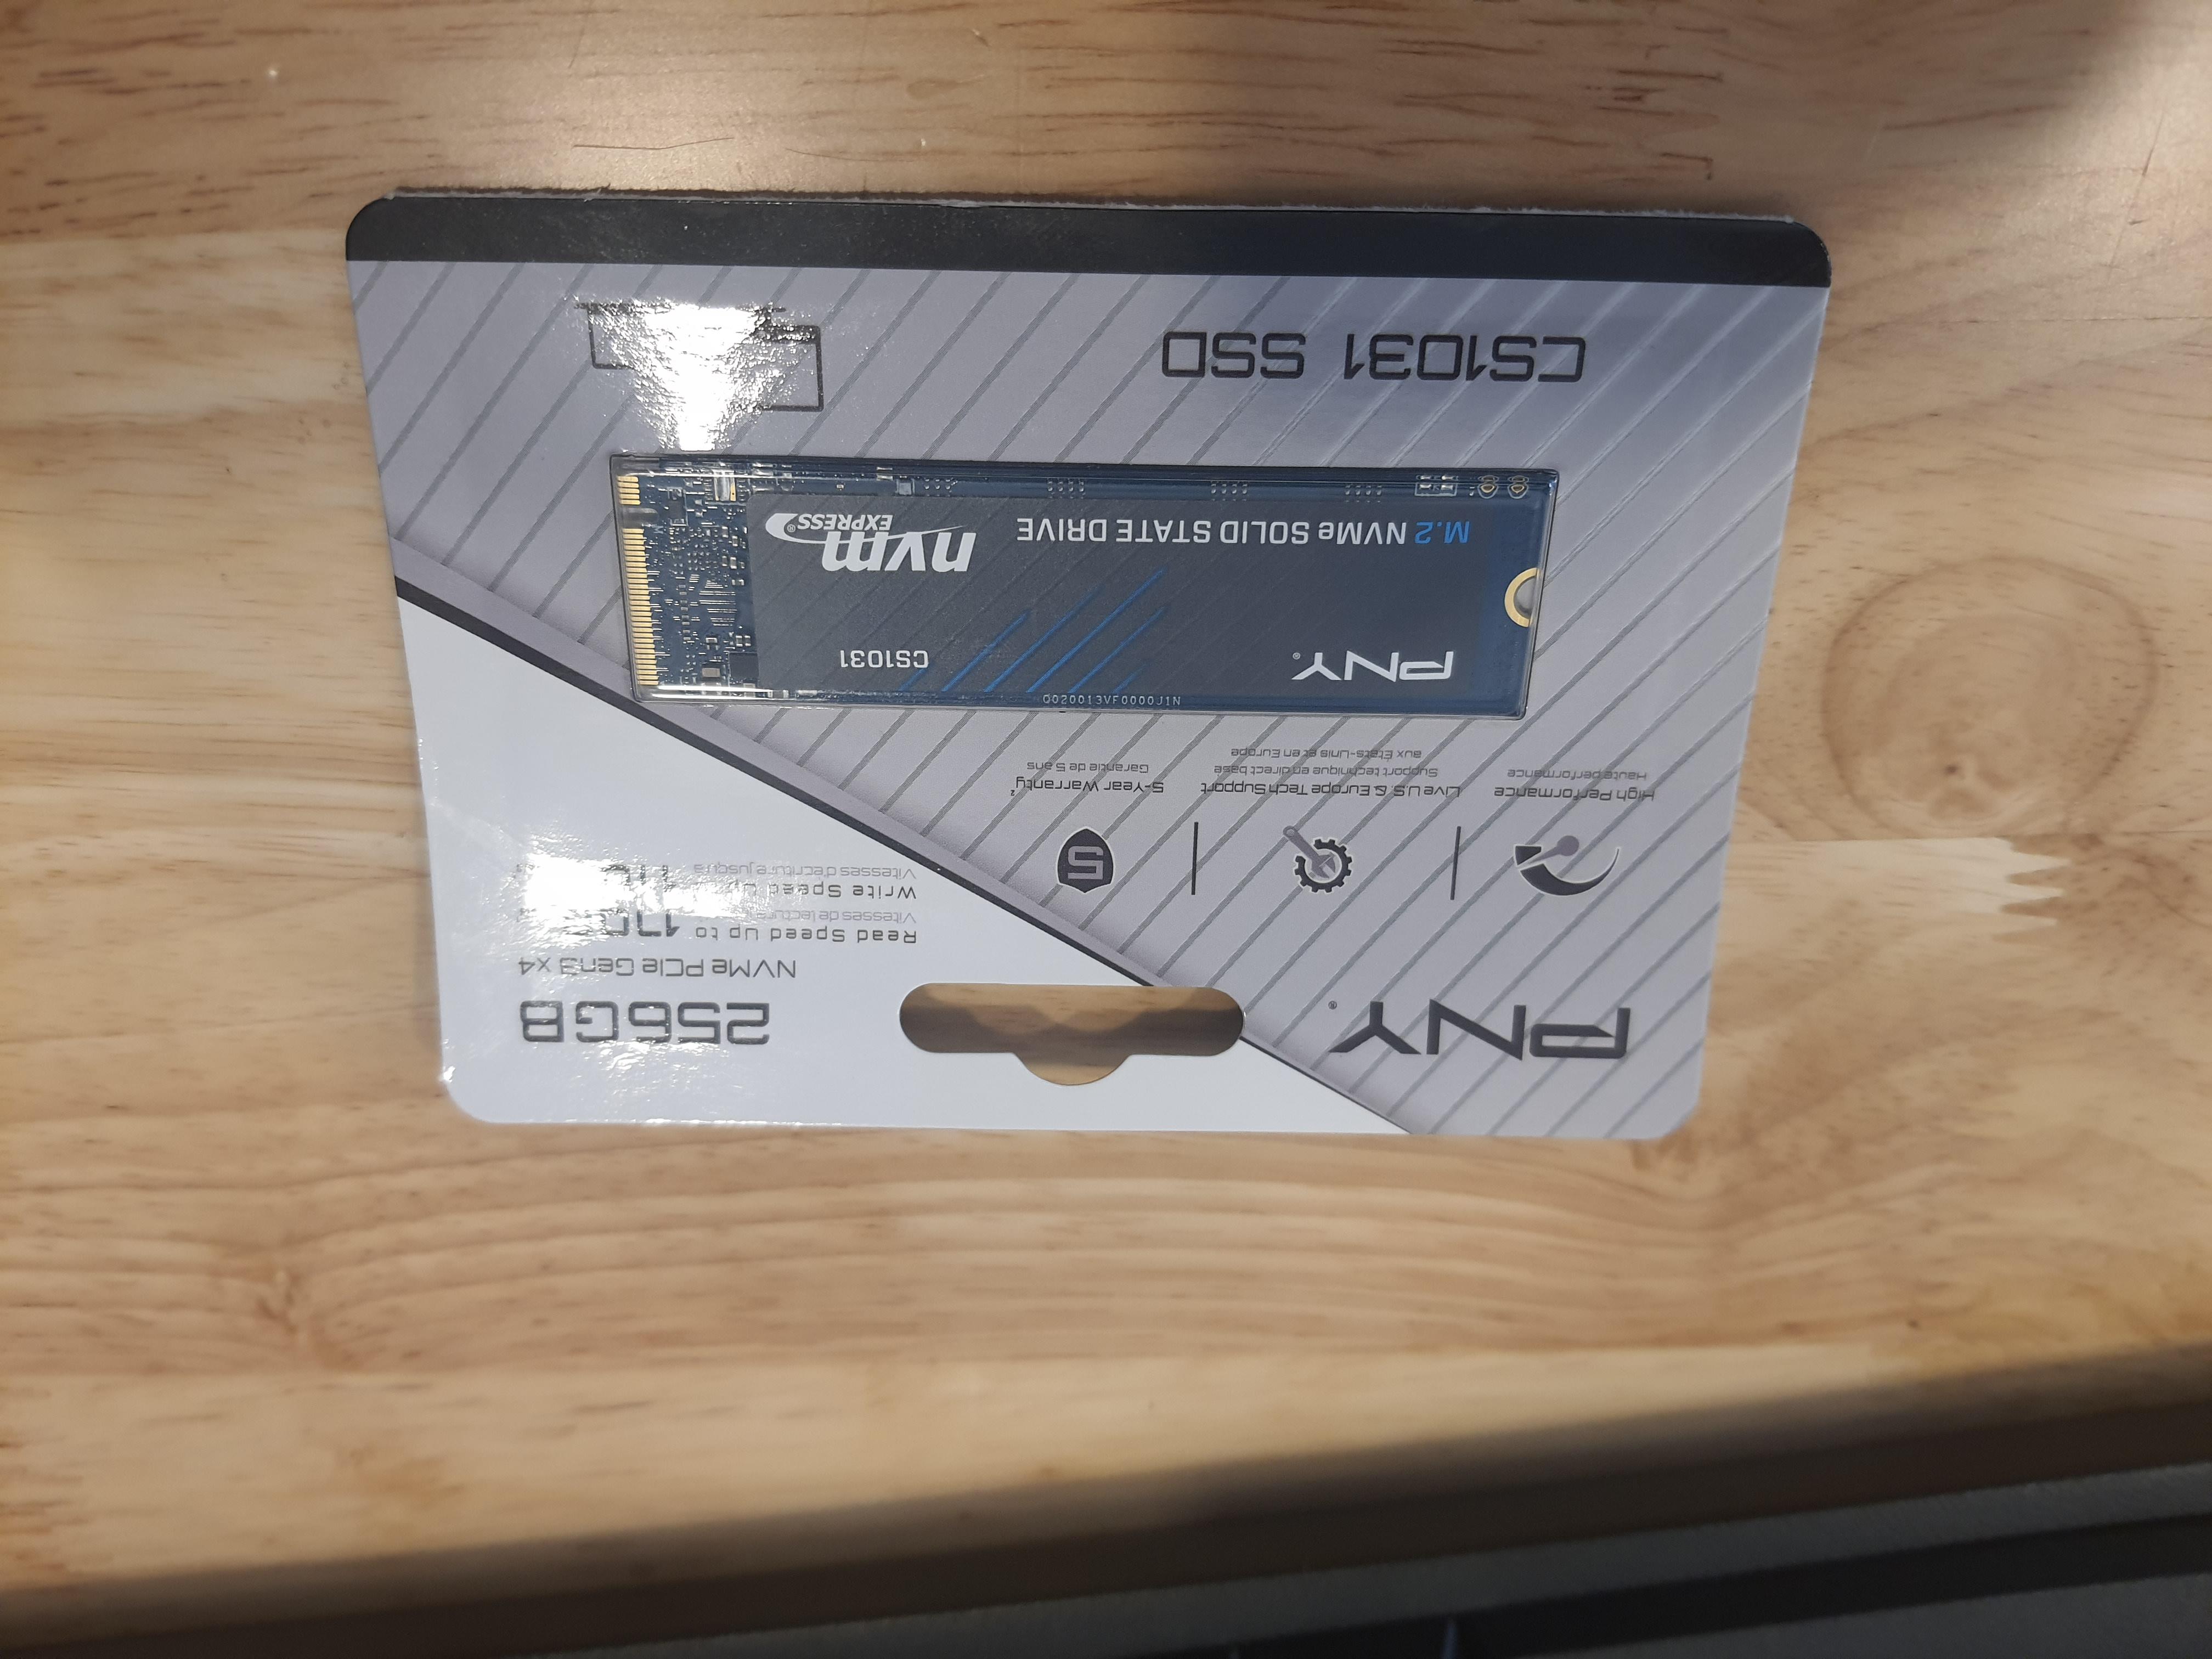 Ổ cứng SSD PNY 256GB CS1031 M.2 2280 NVMe Gen3x4 hàng chính hãng / hàng nhập khẩu